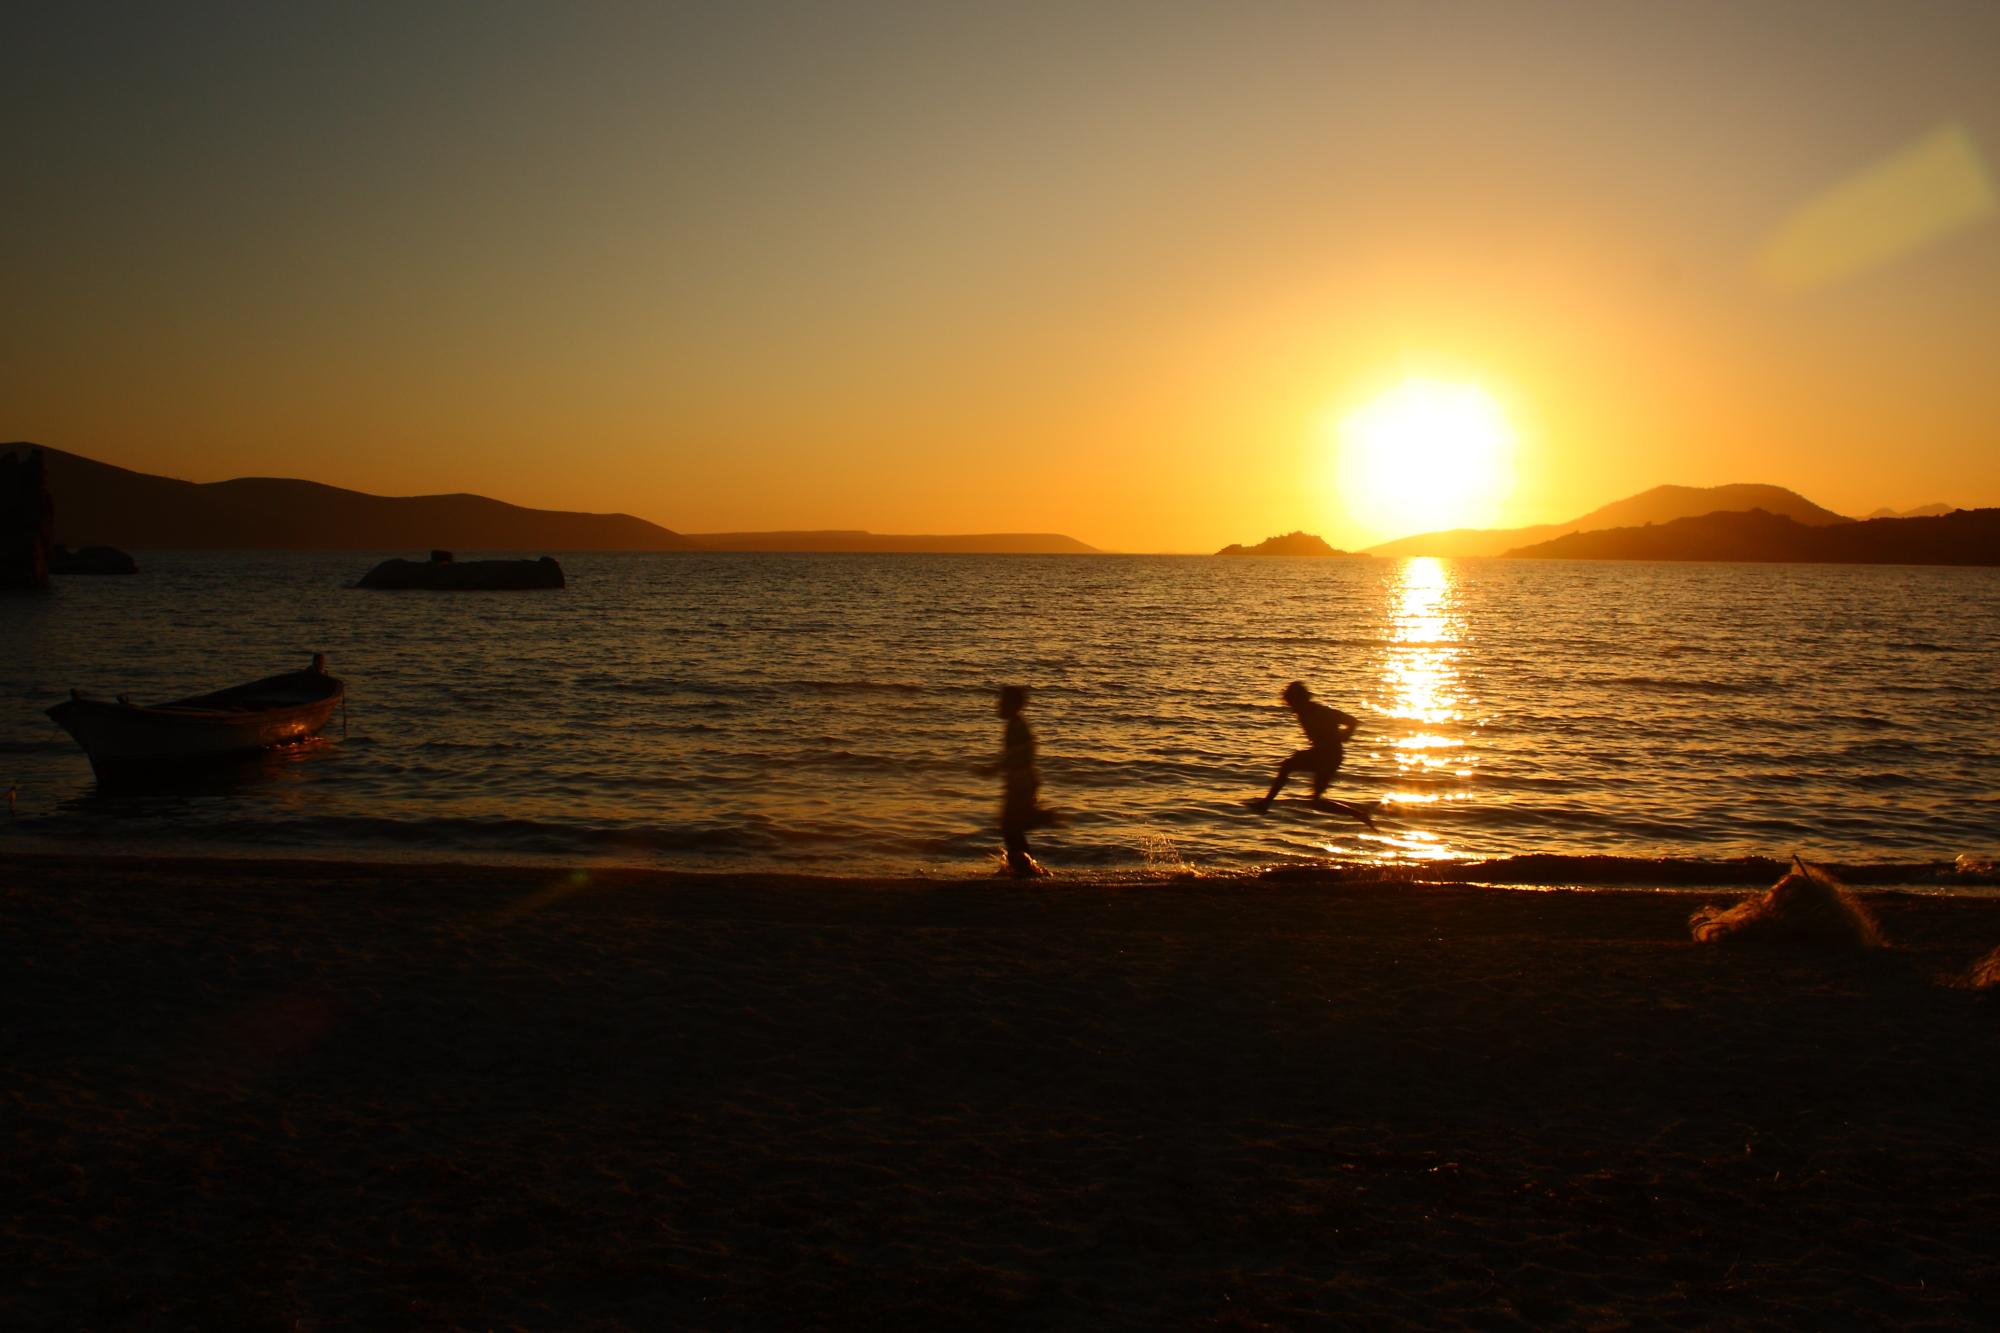 Bafa gölünde güneş batıyor